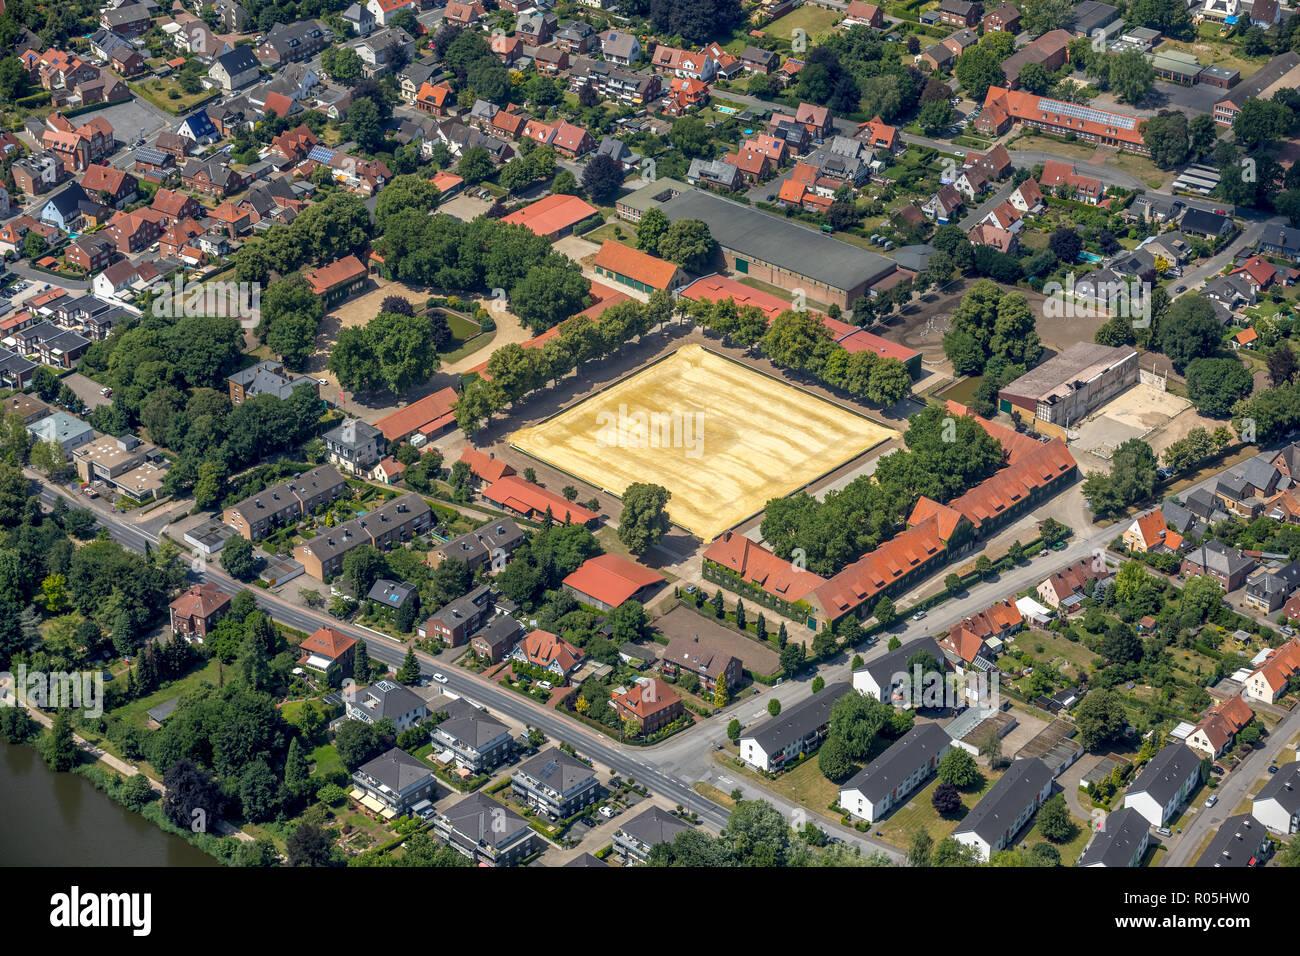 Luftbild, Nordrhein-Westfälisches Landgestüt, Sassenberger Straße, Sternbergstraße, Warendorf, Münsterland, Nordrhein-Westfalen, Deutschland, Europa,  - Stock Image